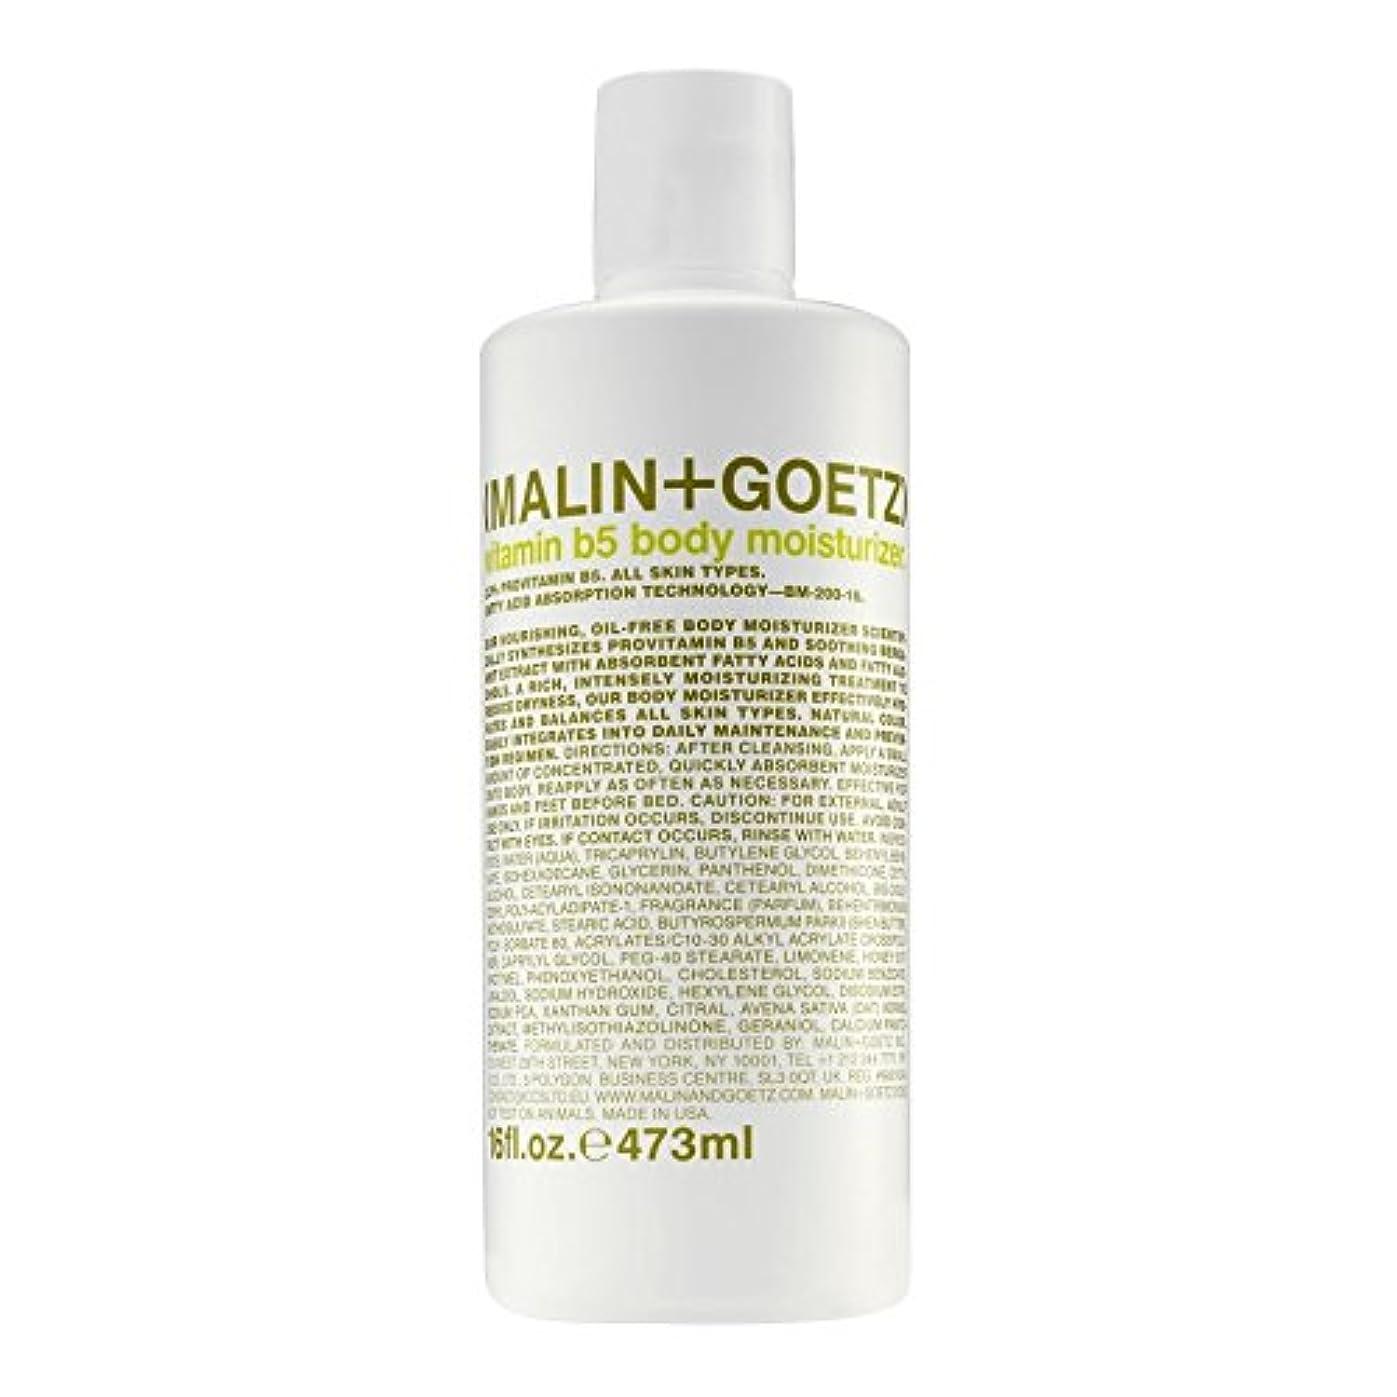 翻訳する百助けになるマリン+ゲッツビタミン5ボディモイスチャライザーの473ミリリットル x2 - MALIN+GOETZ Vitamin B5 Body Moisturiser 473ml (Pack of 2) [並行輸入品]